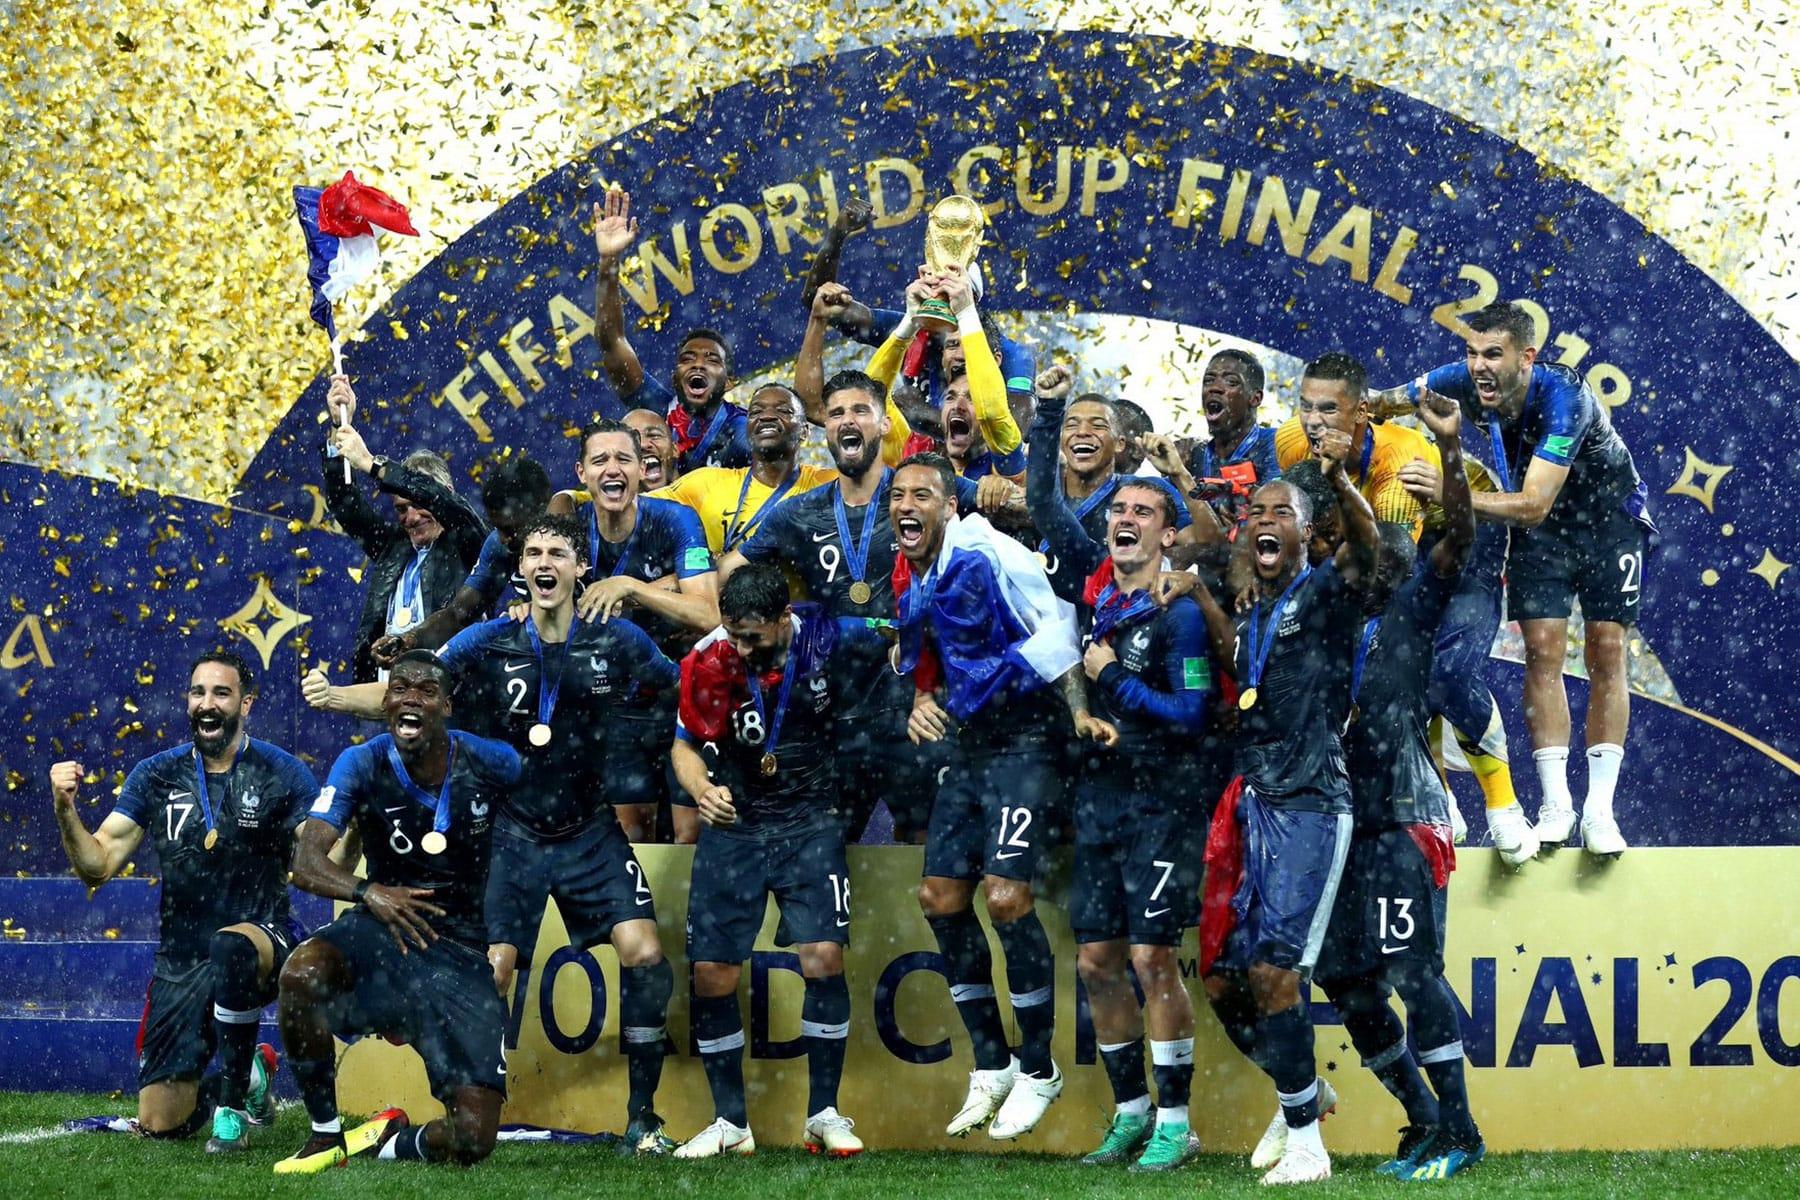 Futbol Oyunlarında Seçilen Takımlara Göre Karakter Analizi